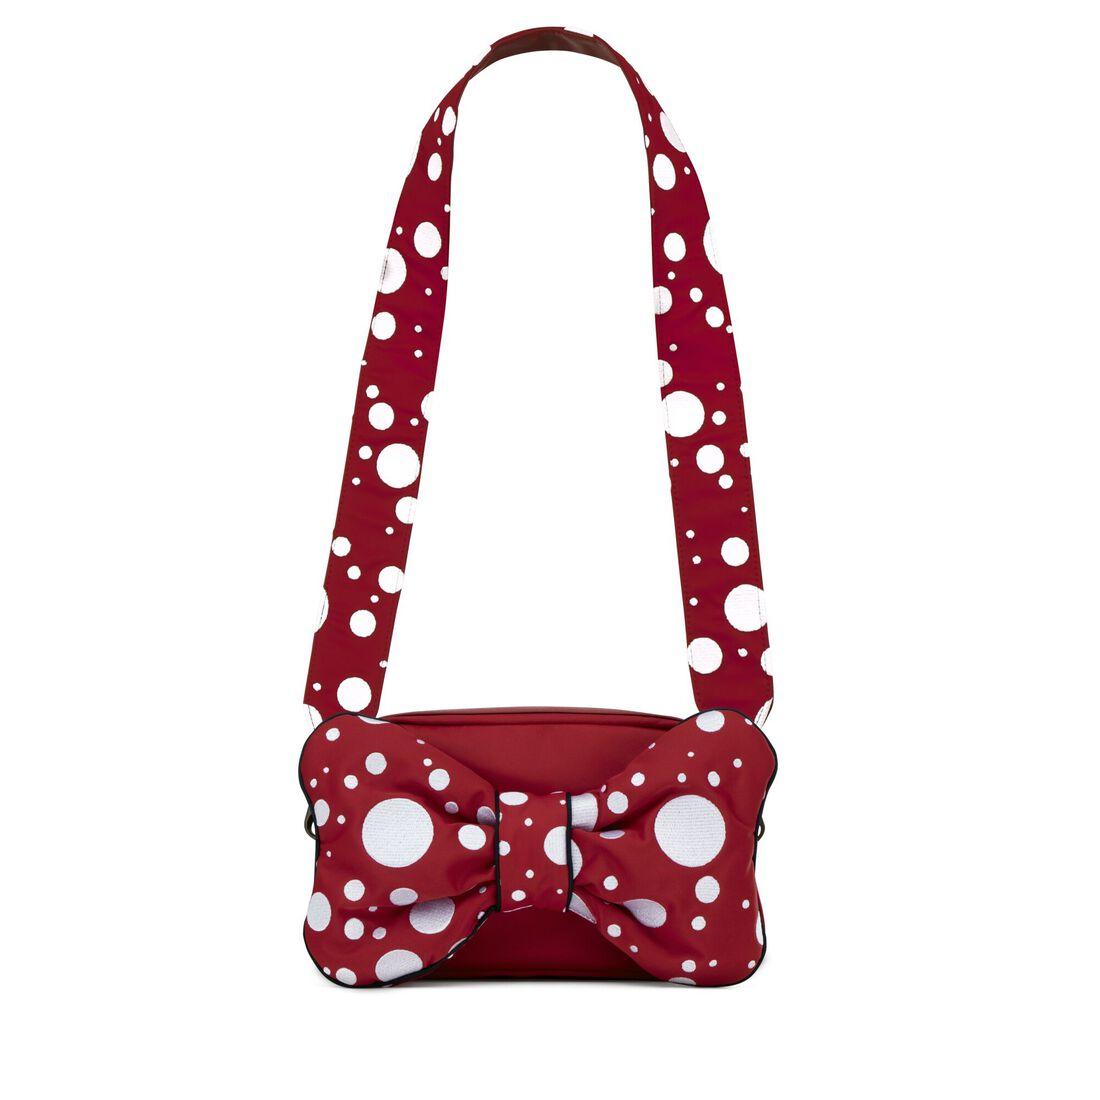 CYBEX Essential Bag - Petticoat Red in Petticoat Red large Bild 3